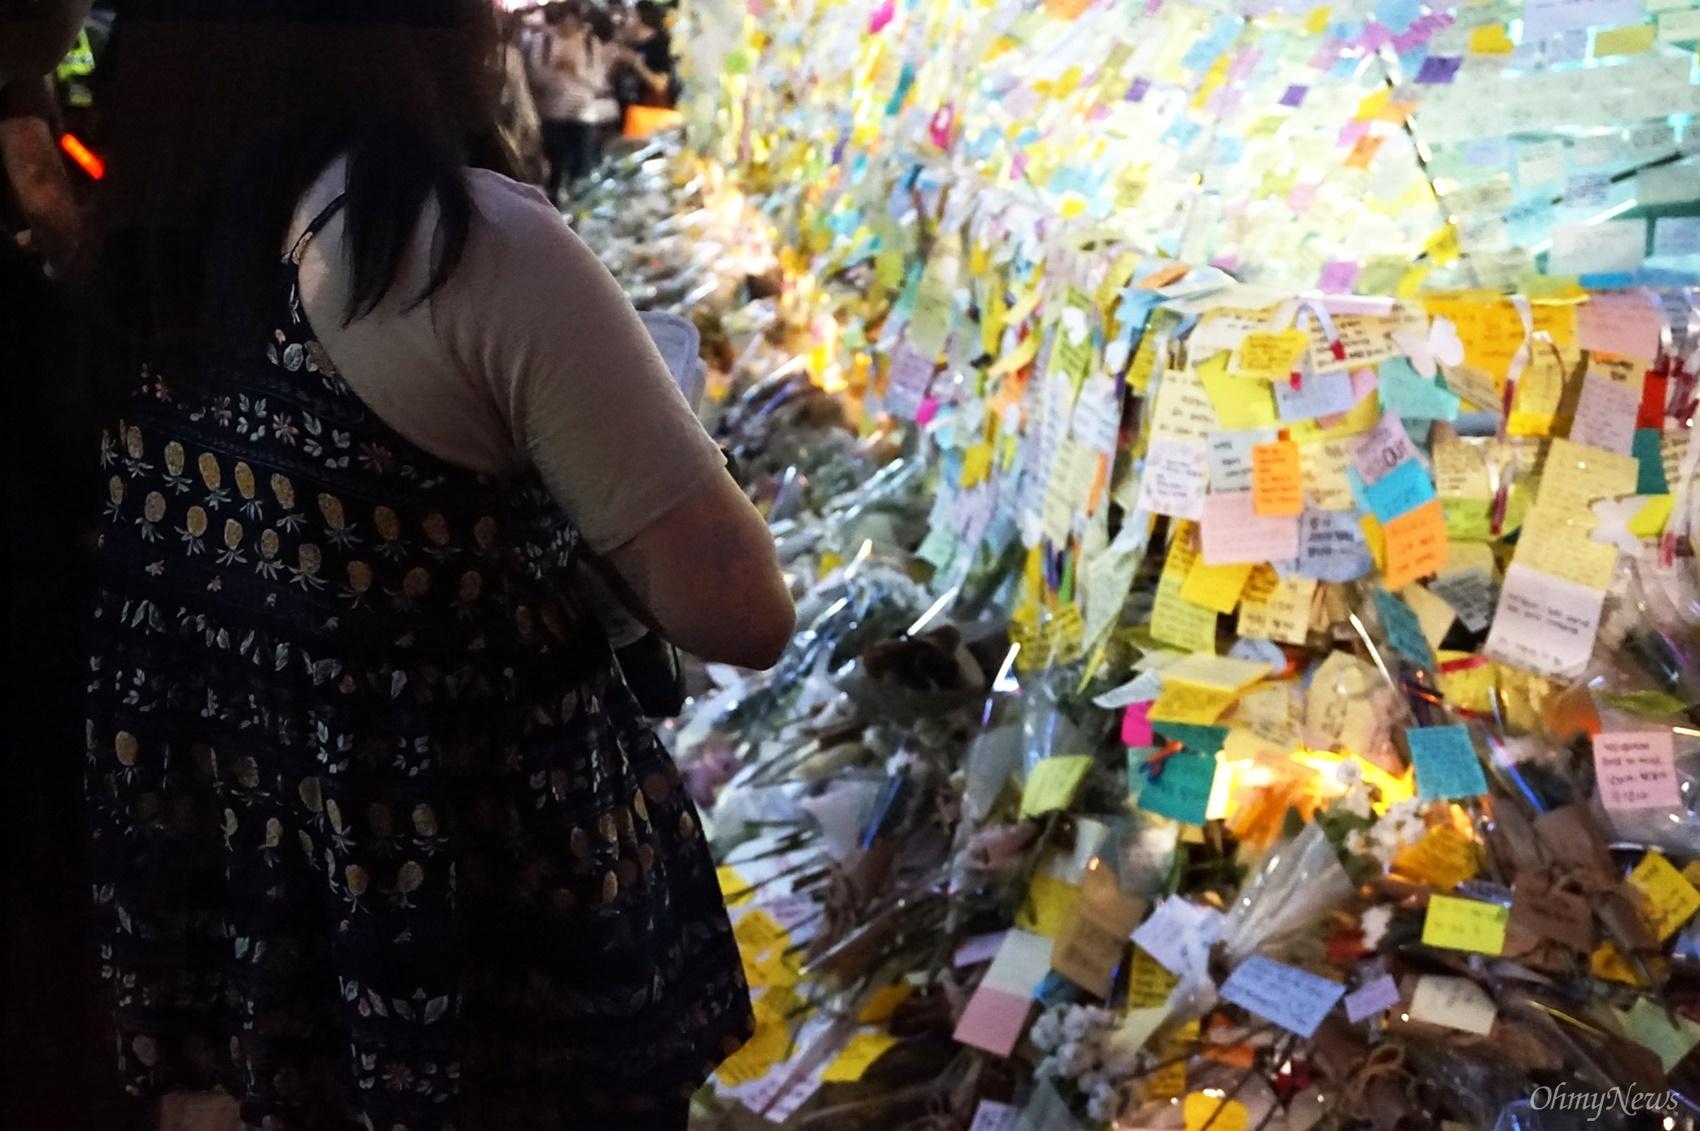 22일은 강남역 여성 살인사건 피해 여성을 애도하기 위해 강남역 10번 출구에 마련한 추모 장소를 볼 수 있는 마지막 날이었다.